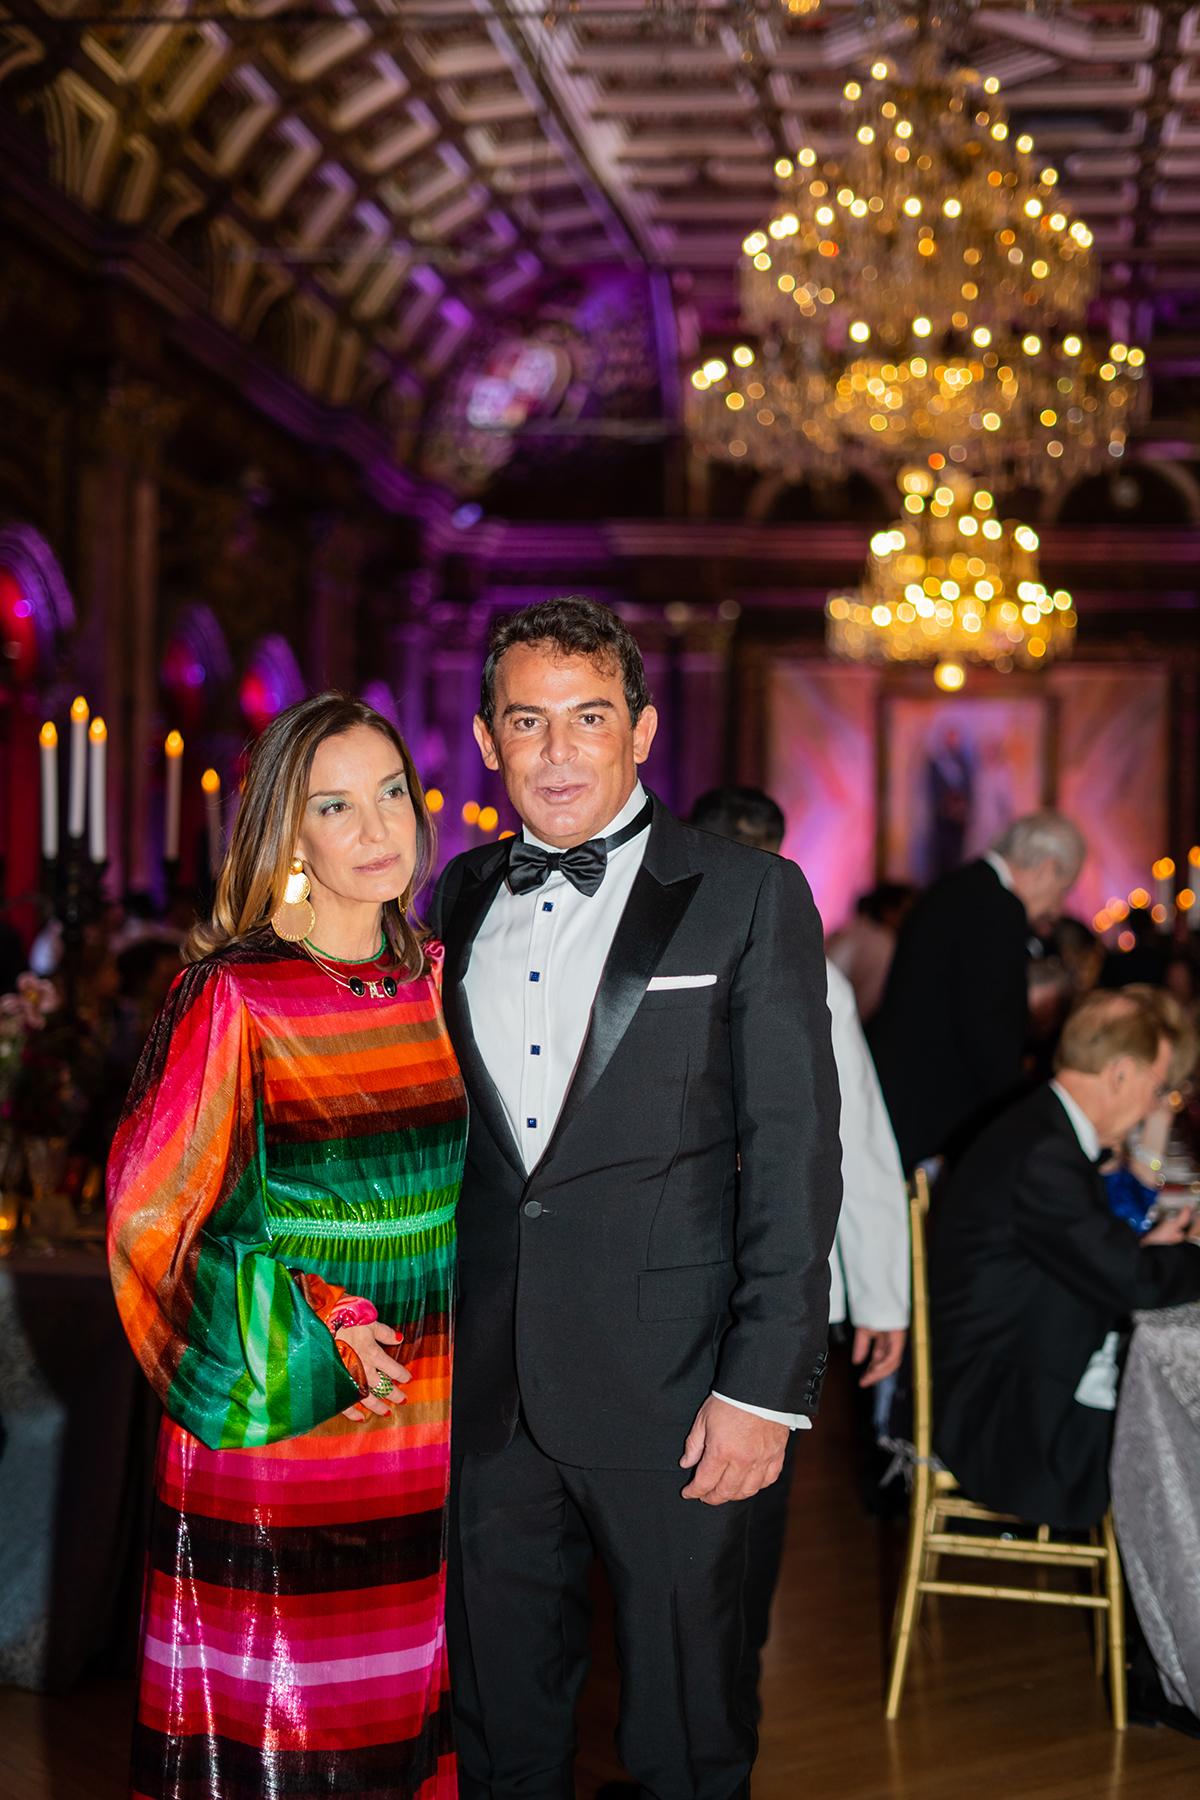 Ana Lucia de Teresa and Eugenio Lopez